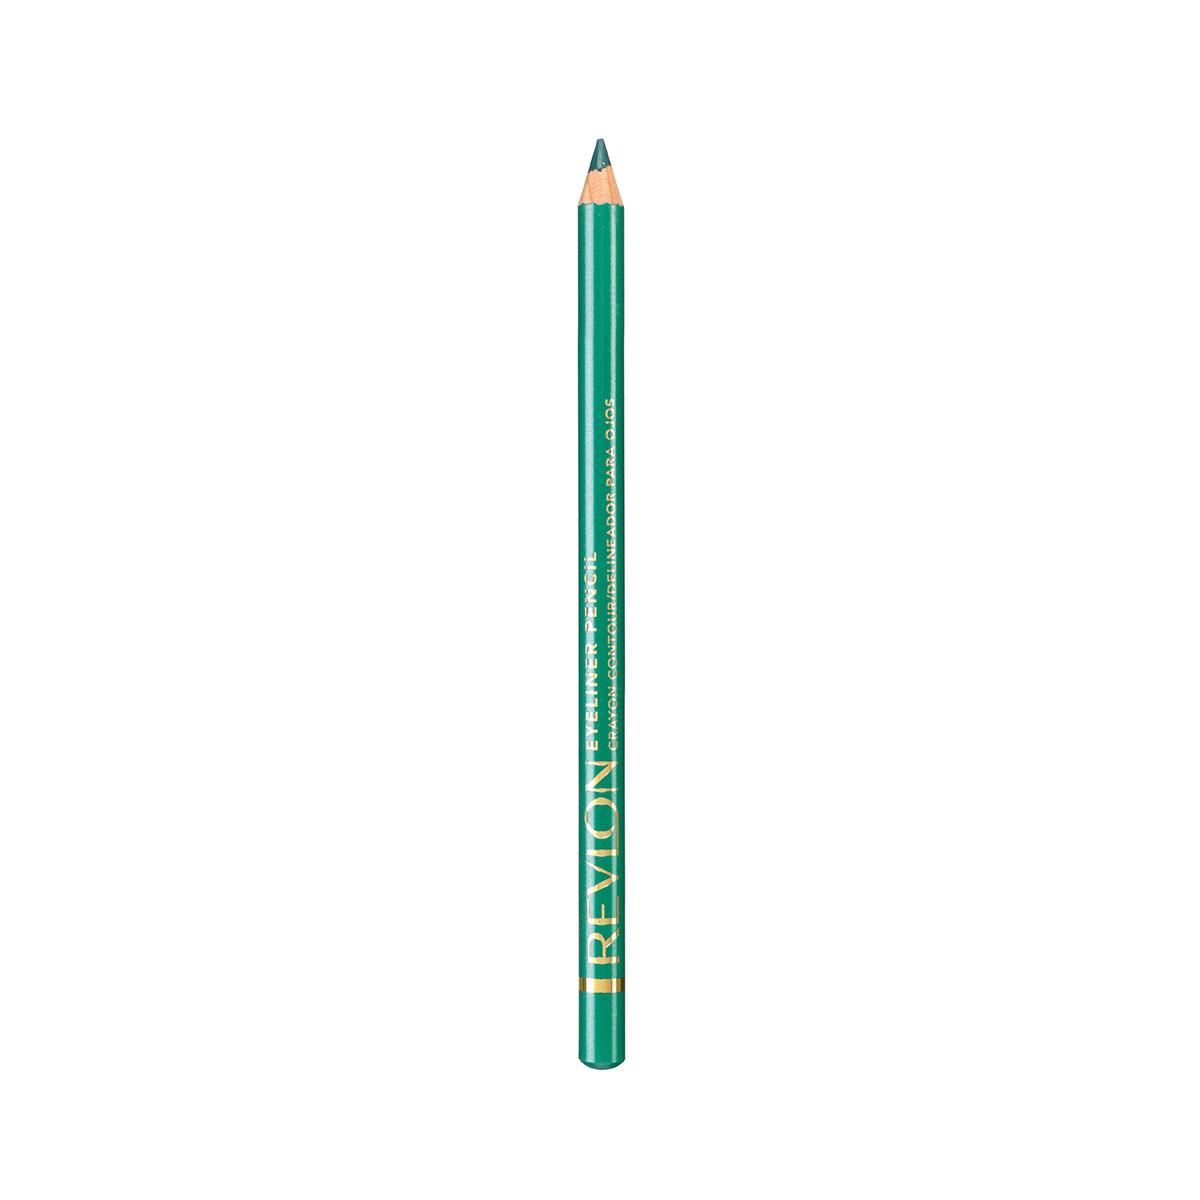 Revlon Карандаш для Глаз Eyeliner Aquamarine 07 1 г7210295007Классичесикй контурный карандаш с насыщенным цветом и интенсивной аппликацией. Скользит с лёгкостью карандаша и даёт цвет по интенсивности равный жидкому контуру. Прекрасно сохраняется на веках в течение дня.Нанести полностью на подвижное веко, на внутреннюю поверхность века или просто на линию роста ресниц по верхнему и/или нижнему веку.